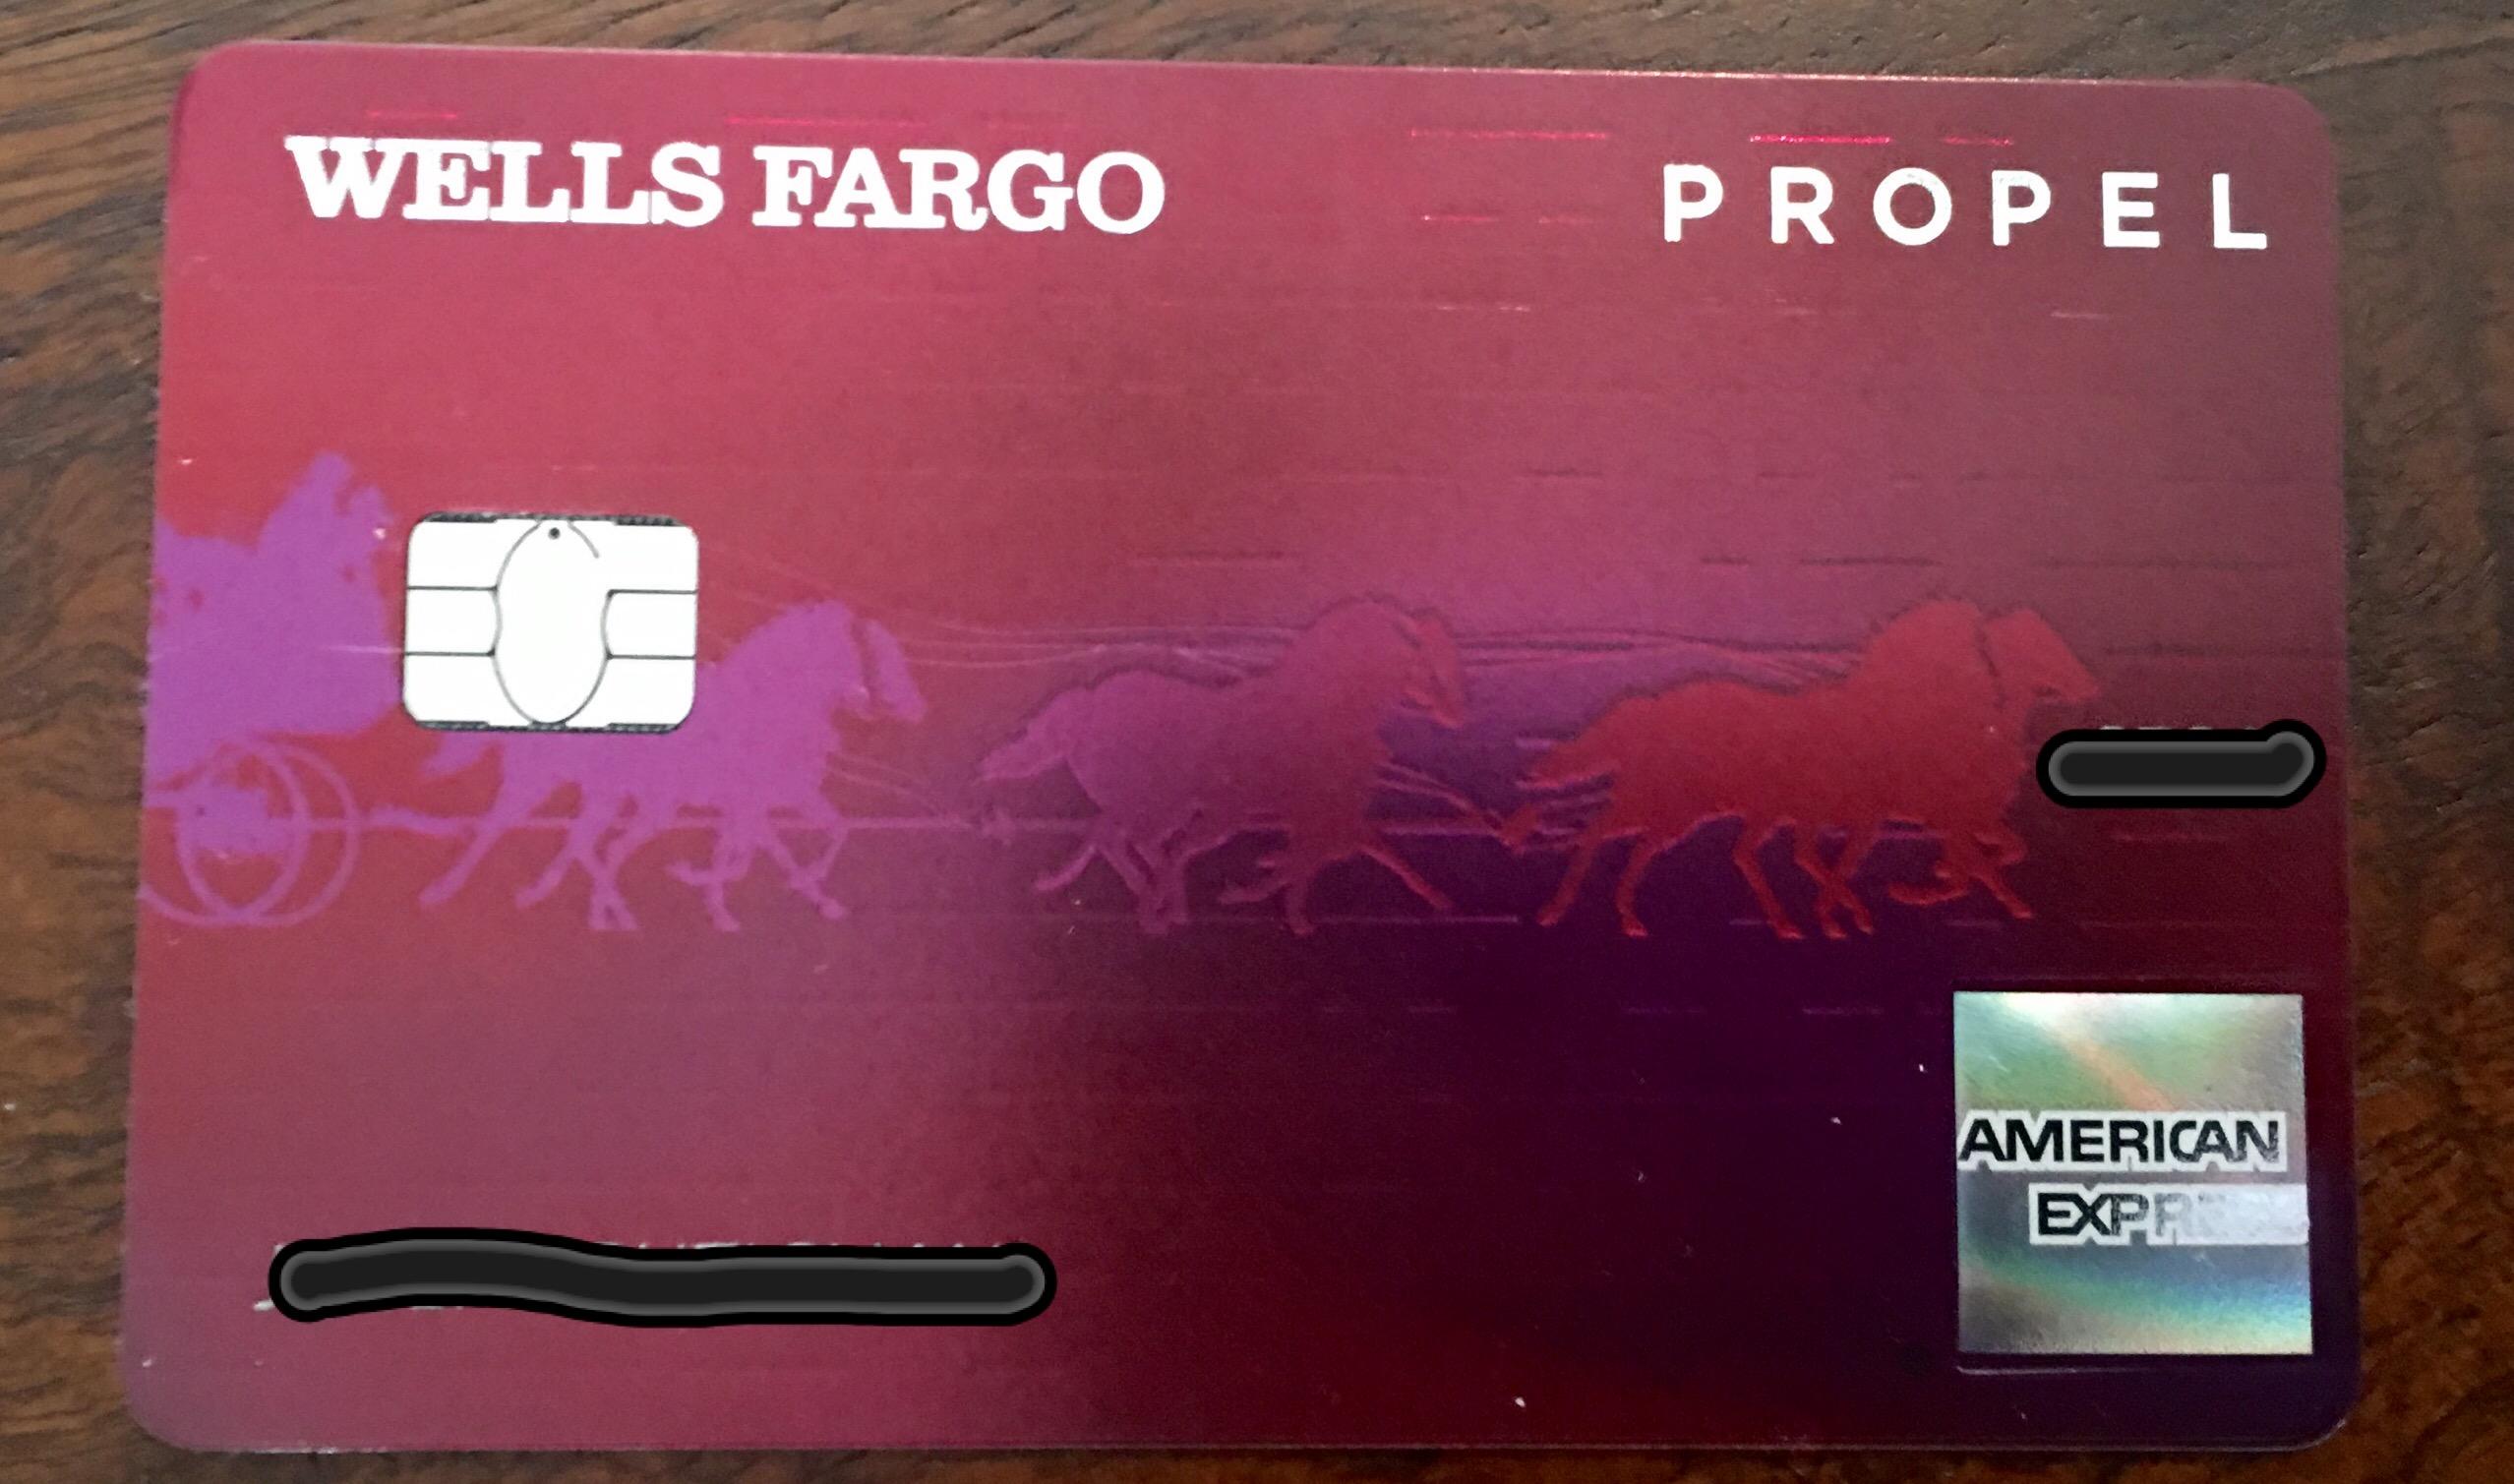 Wells Fargo Propel Aesthetics It S Here Page 2